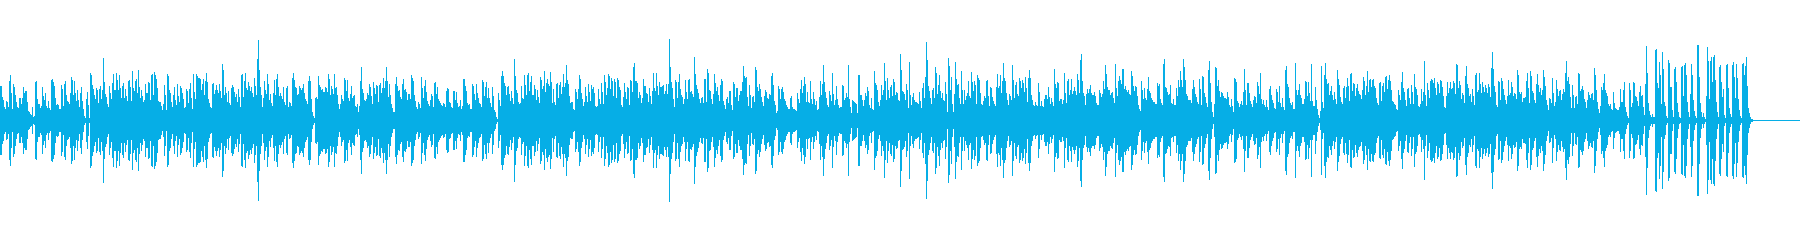 夏や海に!波打ち際をイメージしたボサノバの再生済みの波形